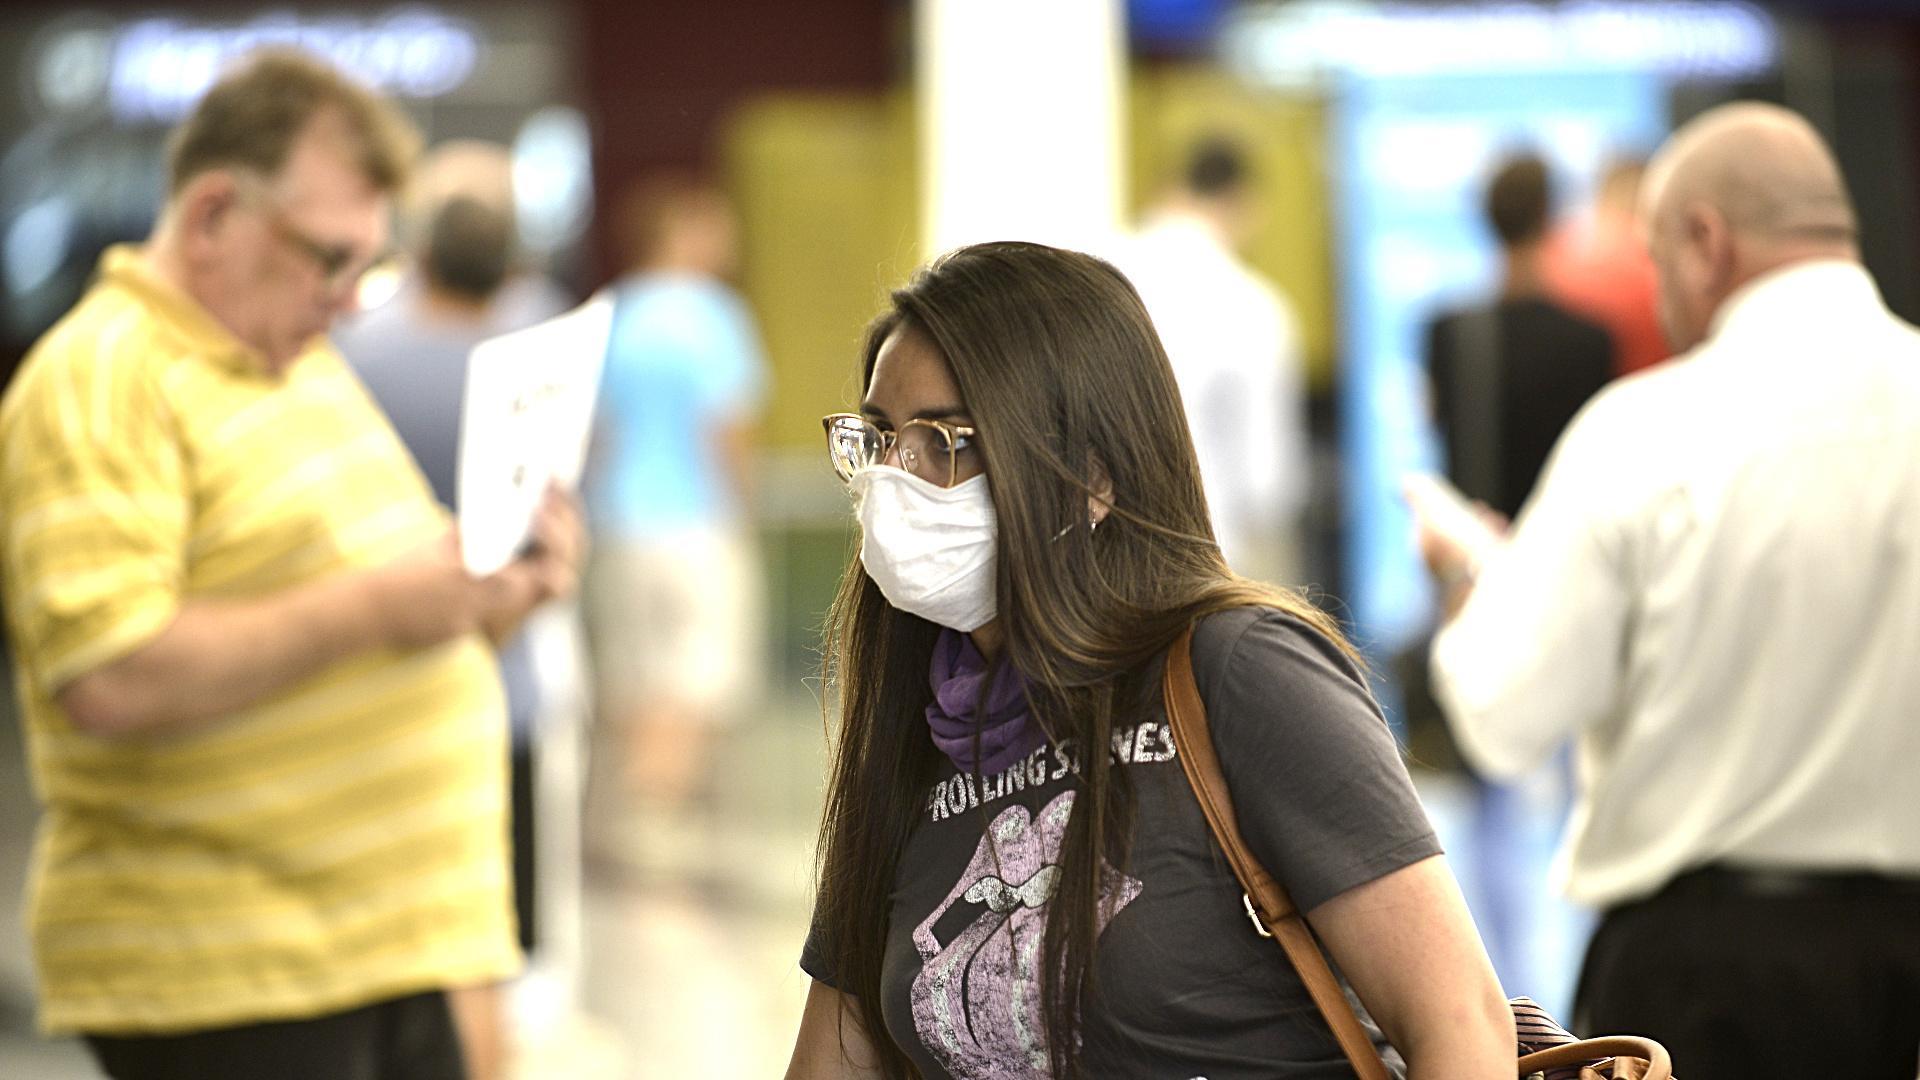 A medida que el nuevo coronavirus se propaga desde China, las pautas de viaje emitidas por los gobiernos de todo el mundo expresan notas de creciente precaución. Con pocas excepciones, el consejo predominante de las autoridades nacionales es evitar la provincia de Hubei, epicentro de un brote